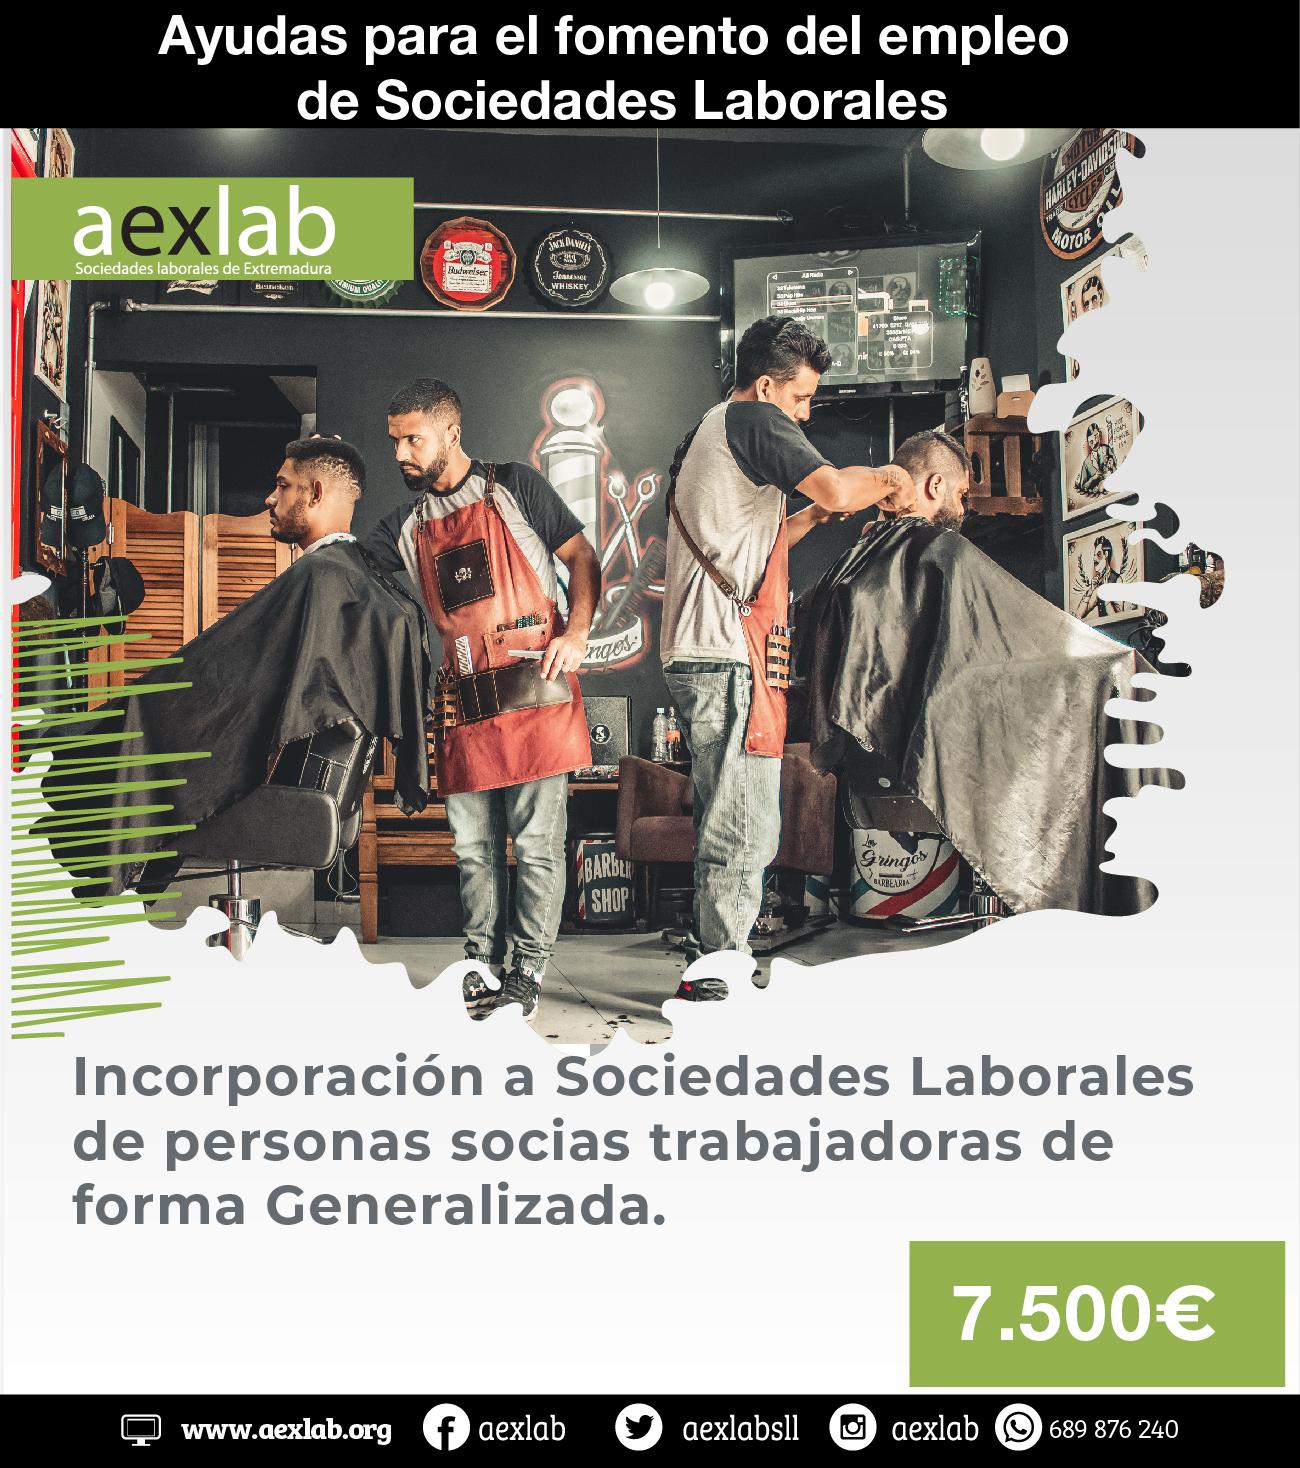 ayudas y subvenciones sociedades laborales aexlab 2021 casos-08